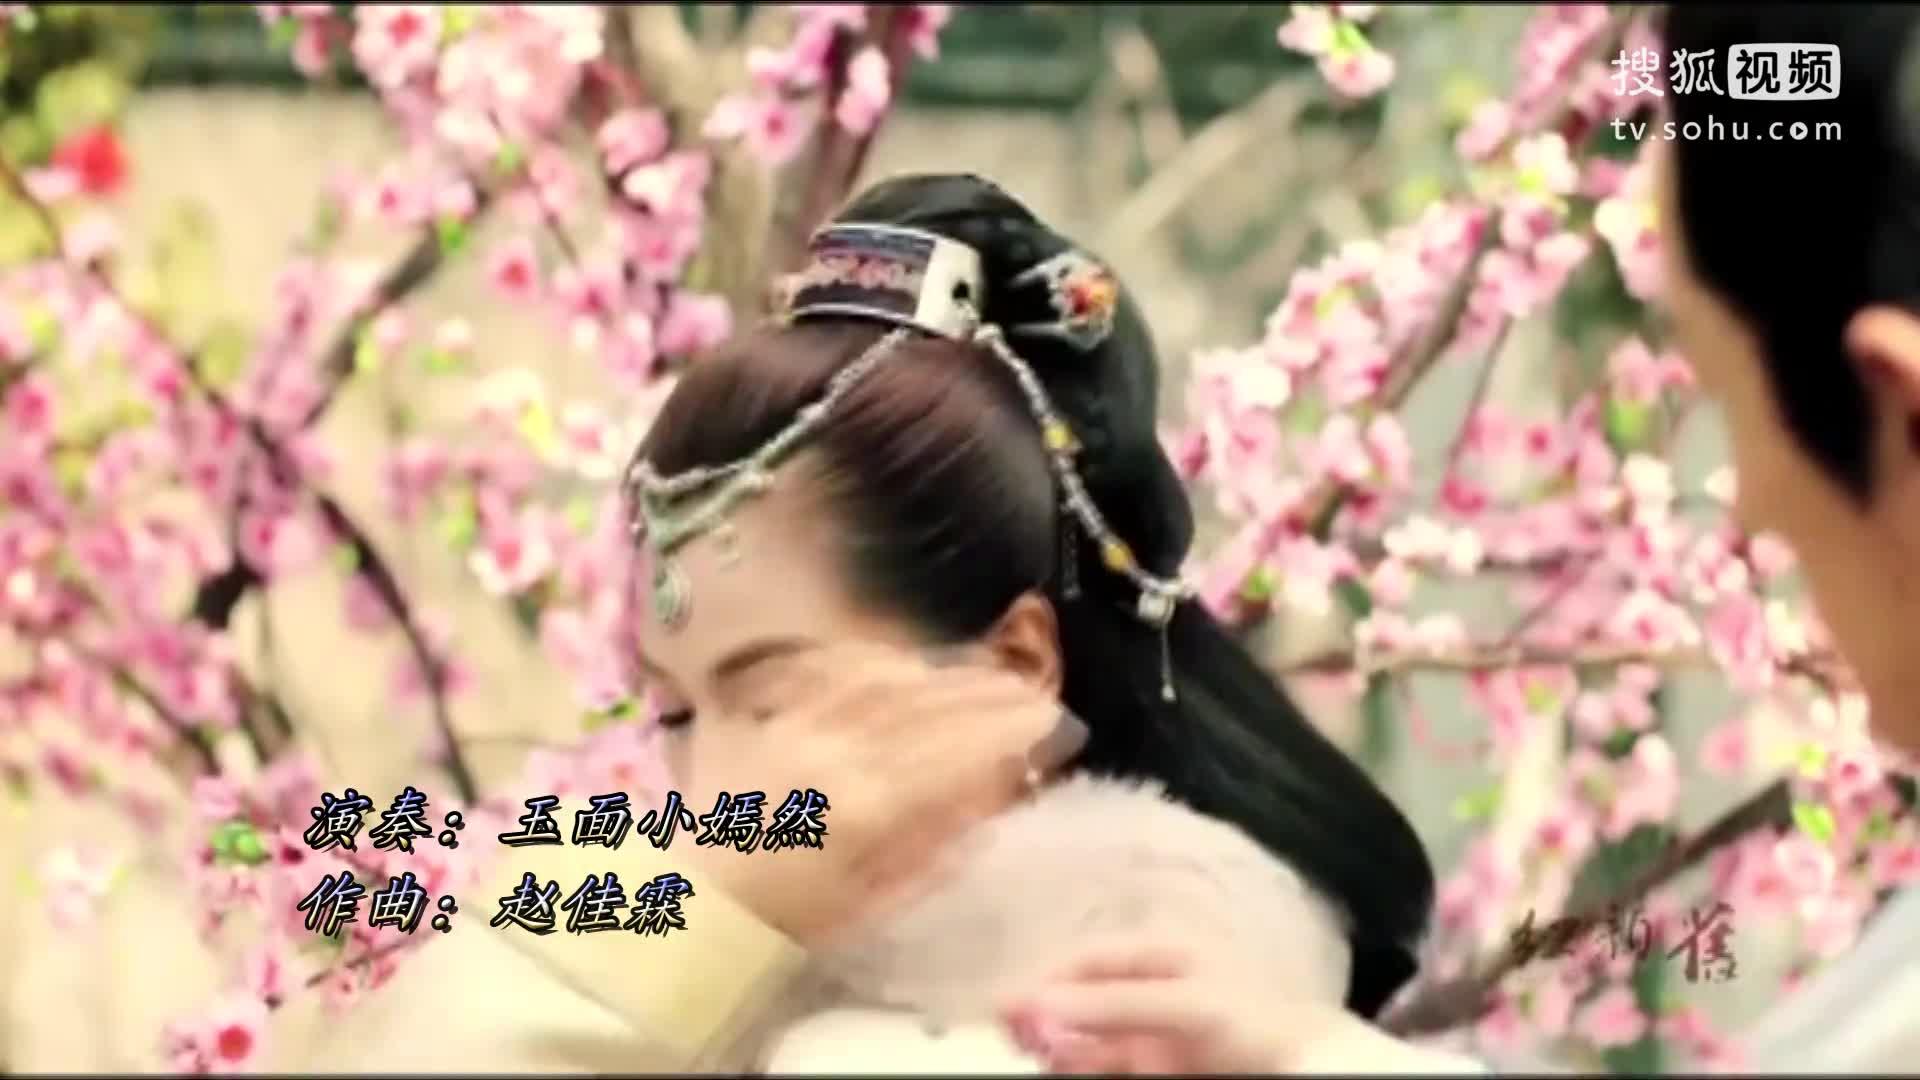 秦瑾  【琅琊榜 《红颜旧》 玉面小嫣然 古筝 视频】《红颜旧》